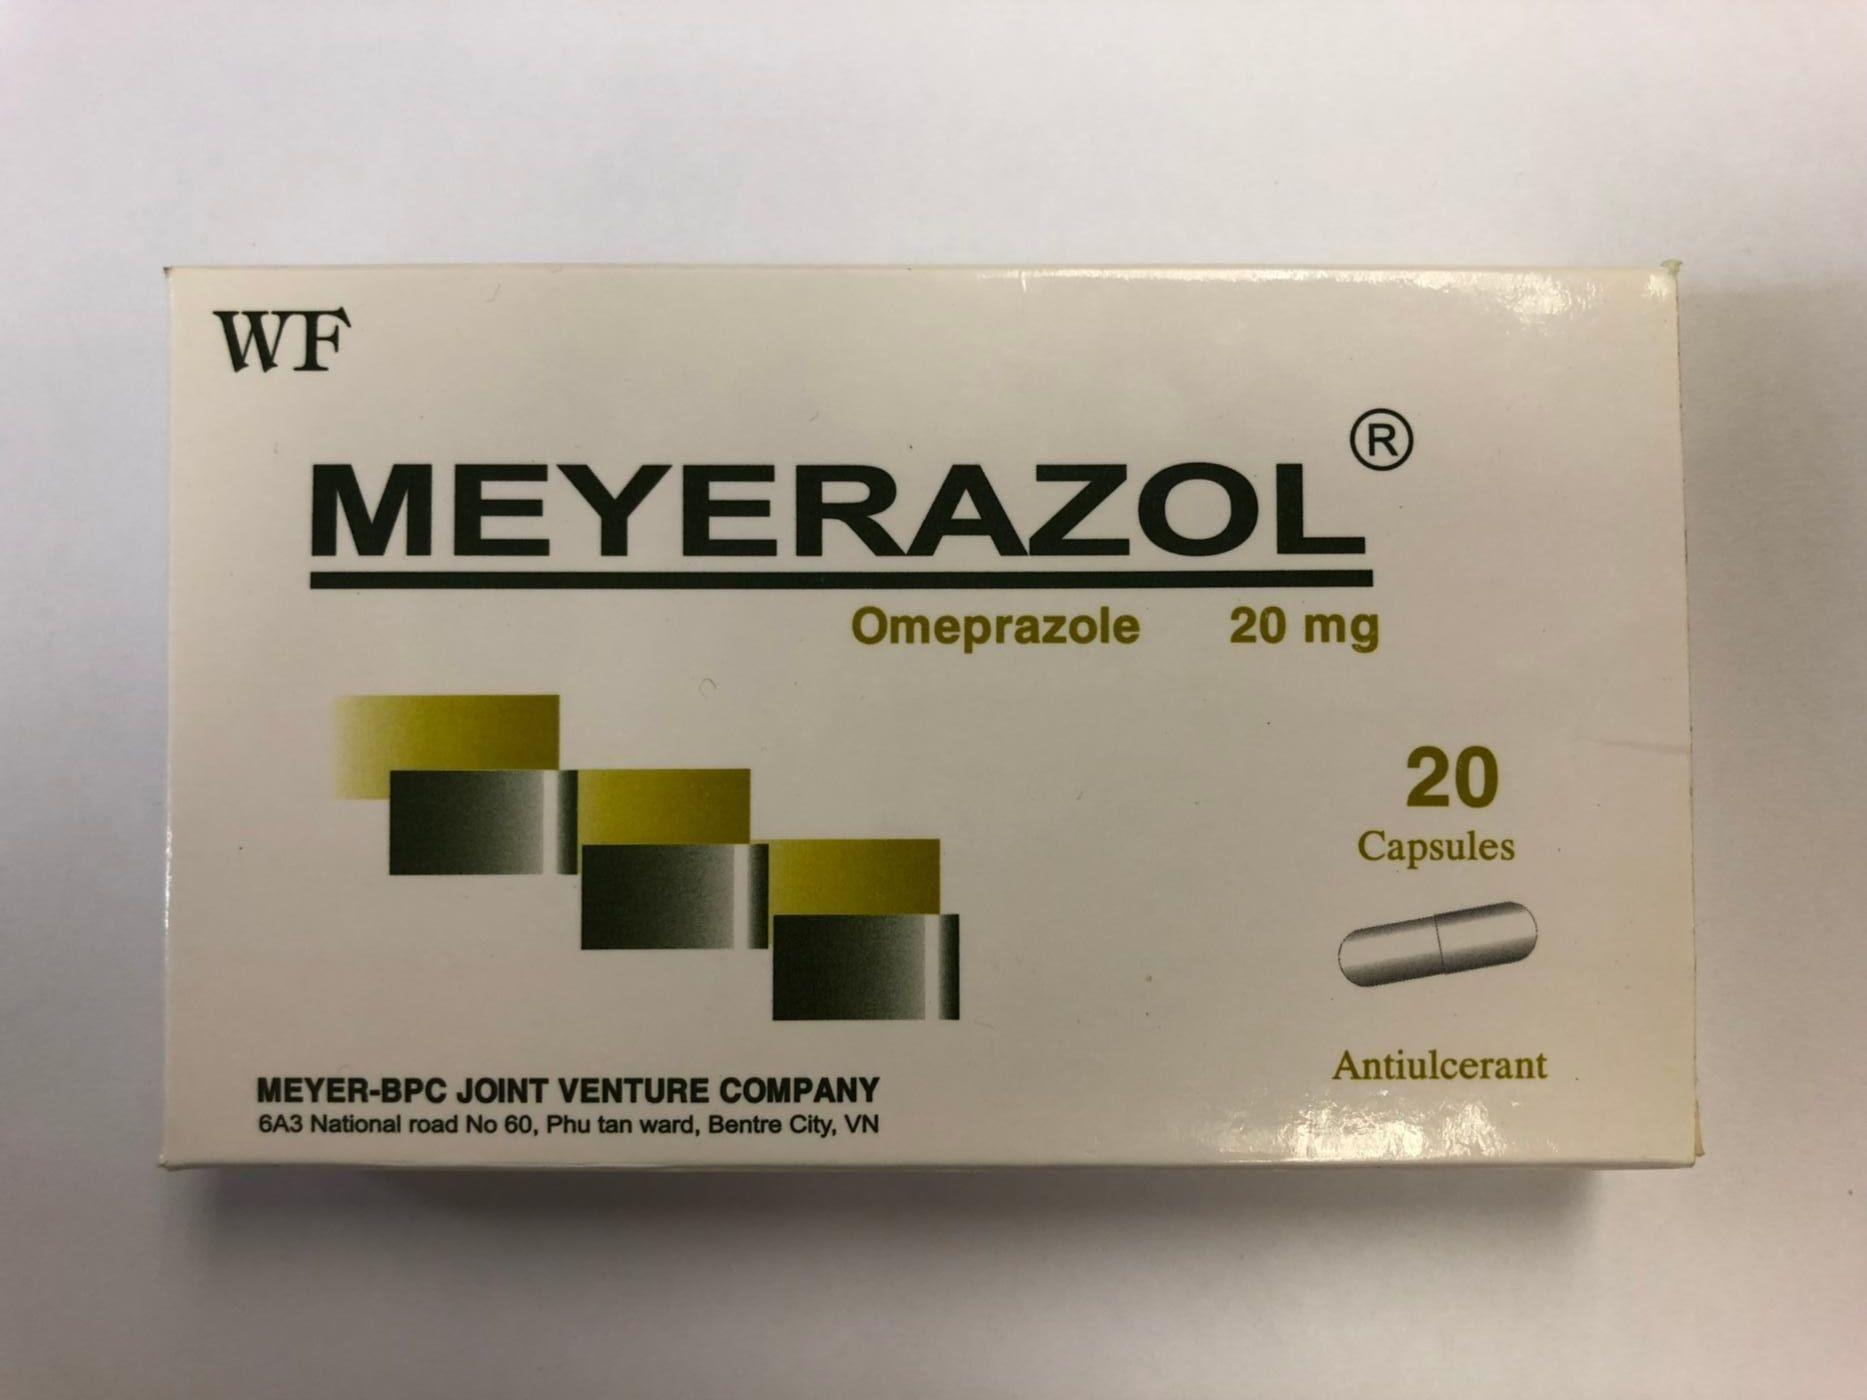 衛生局回收治療胃潰瘍處方藥物